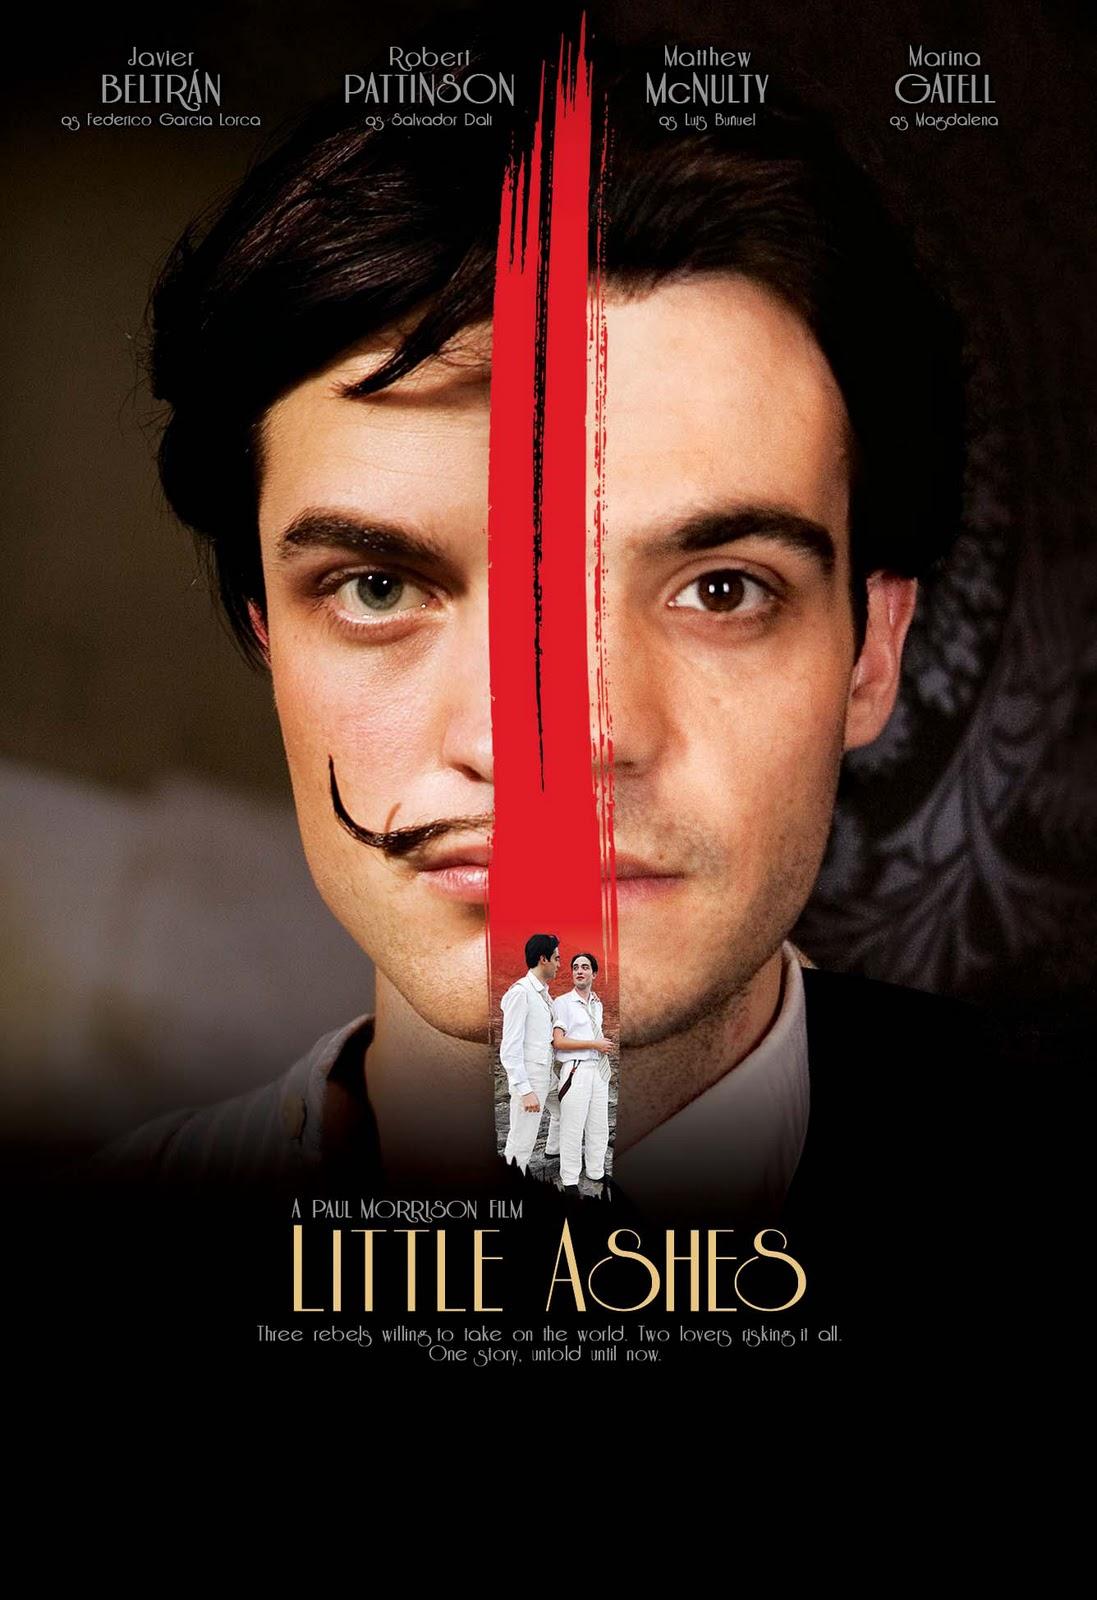 http://2.bp.blogspot.com/-bB8e_BcDS2k/ToUiBpdbdEI/AAAAAAAAKPE/miXcA0RxdZs/s1600/rob-pattinson-little-ashes-poster.jpg